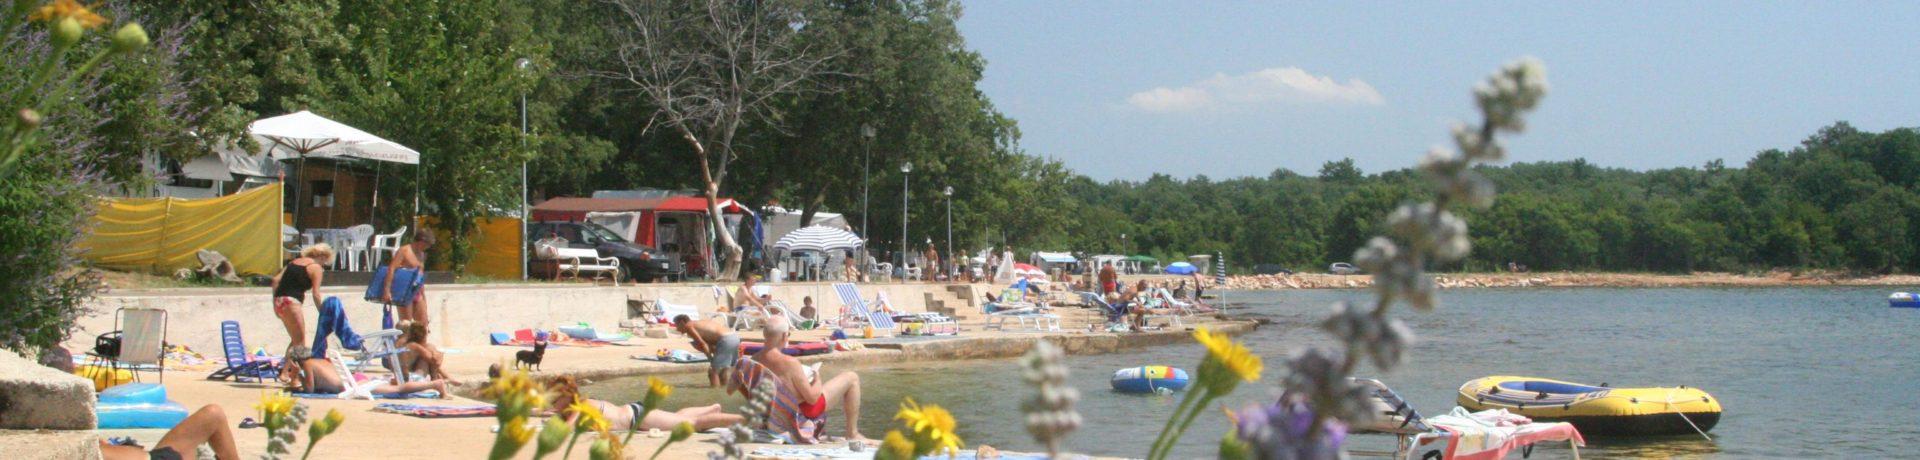 CampingIN Finida Umag is een 4-sterrencamping in de omgeving van Umag in Istrië direct aan zee.